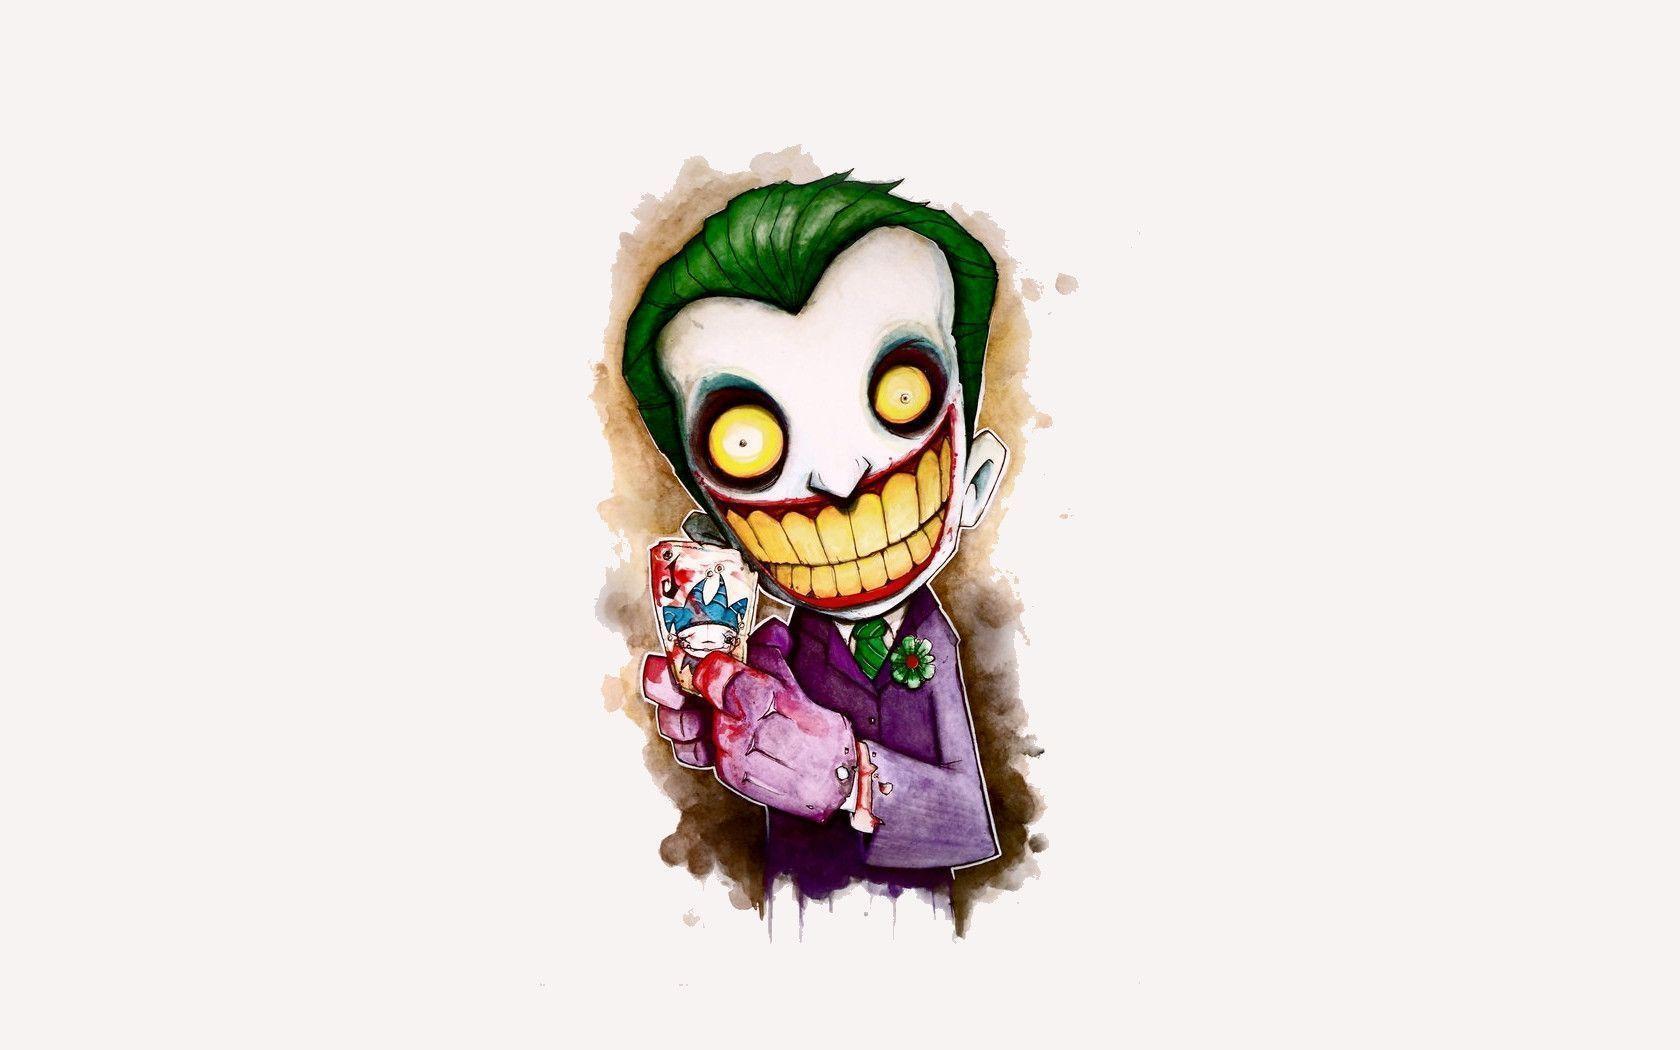 Joker Comic Wallpapers 1680x1050